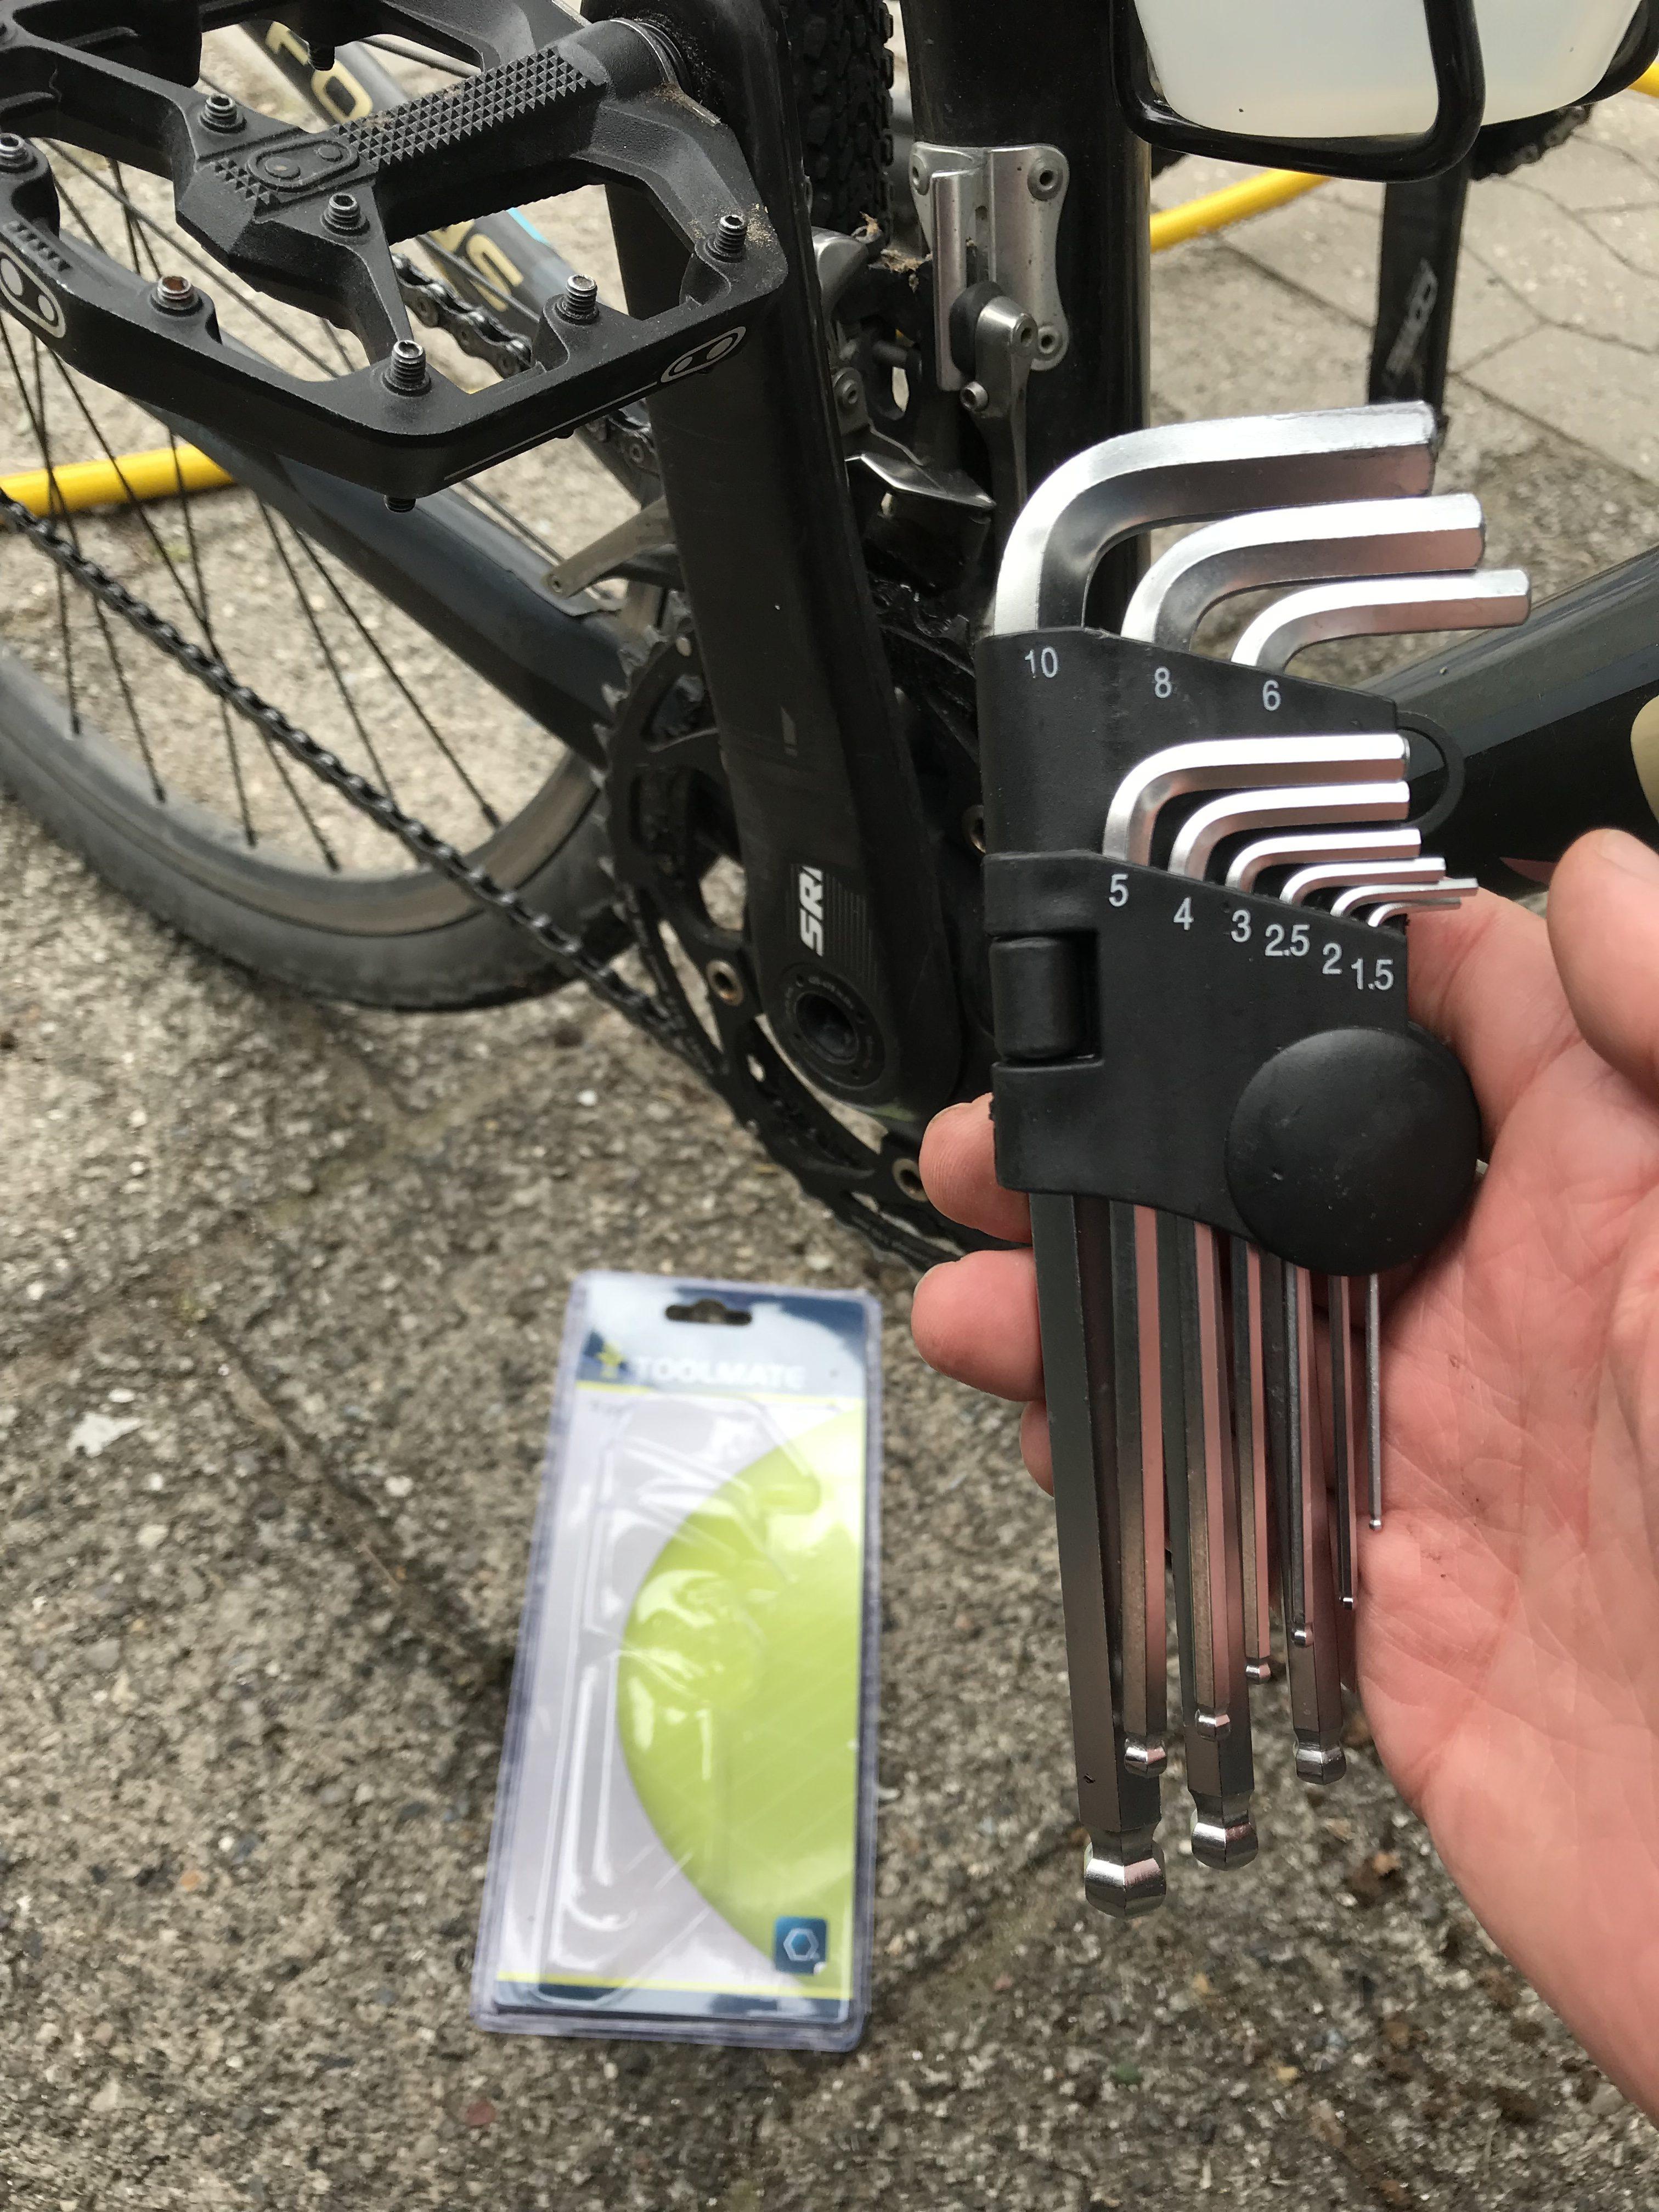 Et komplet sæt umbracko nøgler til en 20'er hos Silvan i Frederikssund. Det reddede et løst kranksæt og dermed resten af turen.